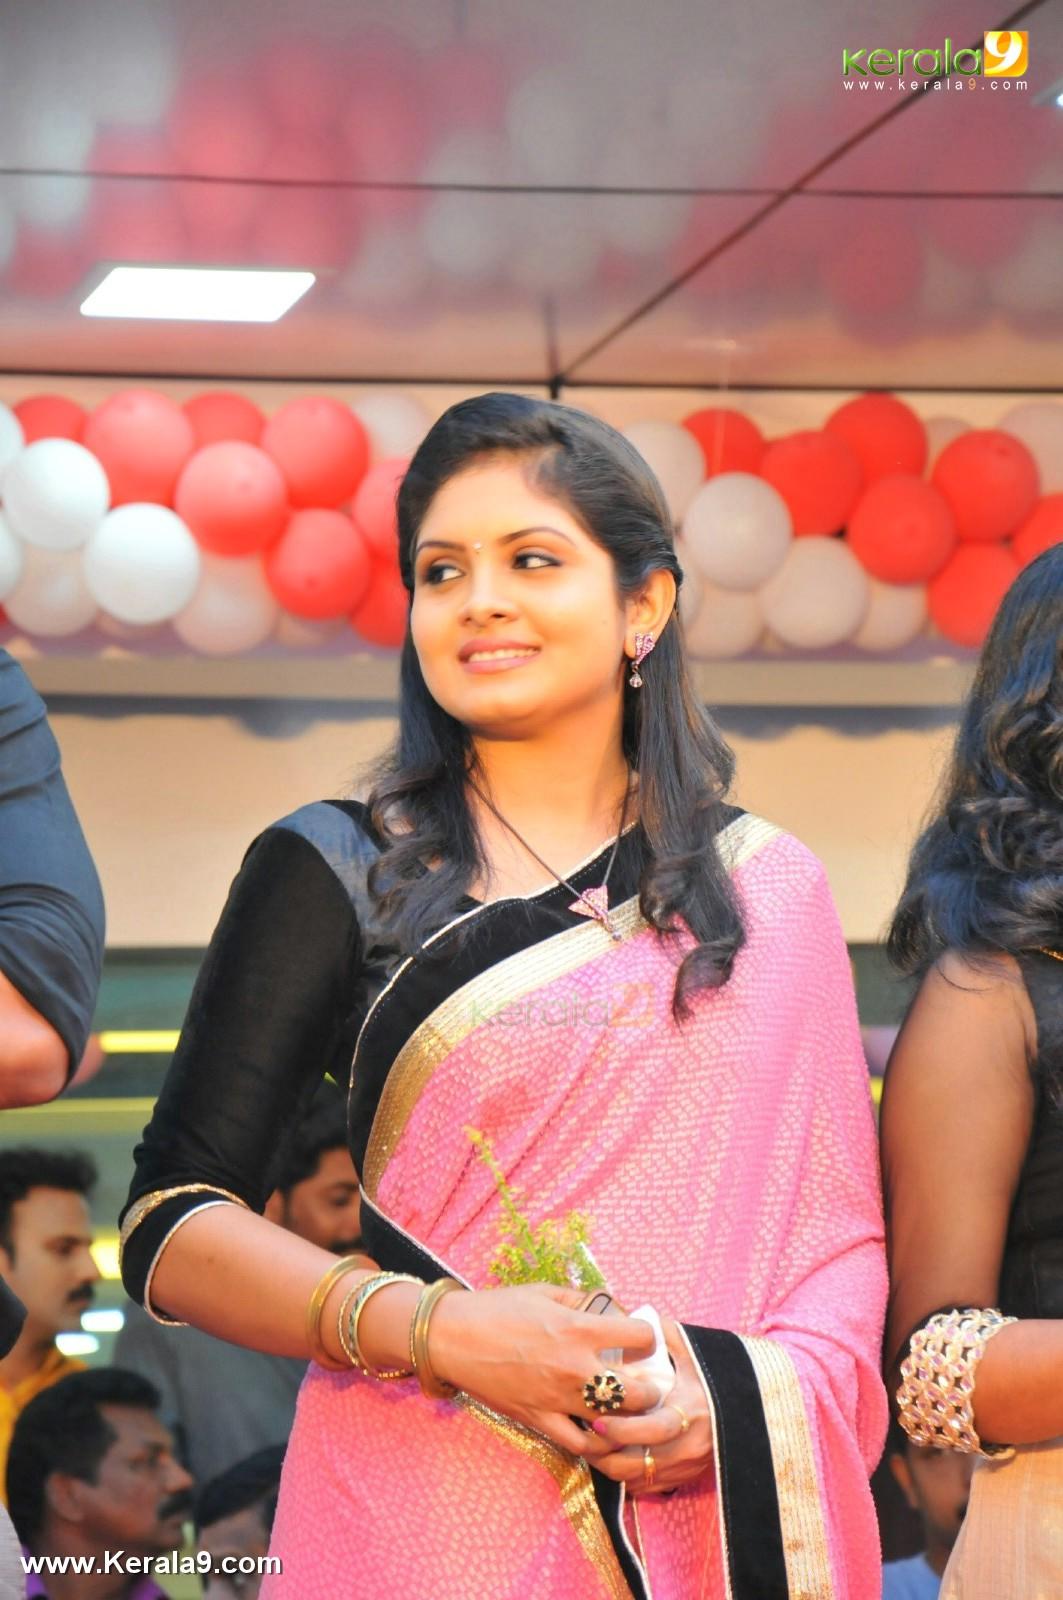 Parasparam Actress Gayathri Arun At Rayyan Inaguration Photos 009 View Orginal Image